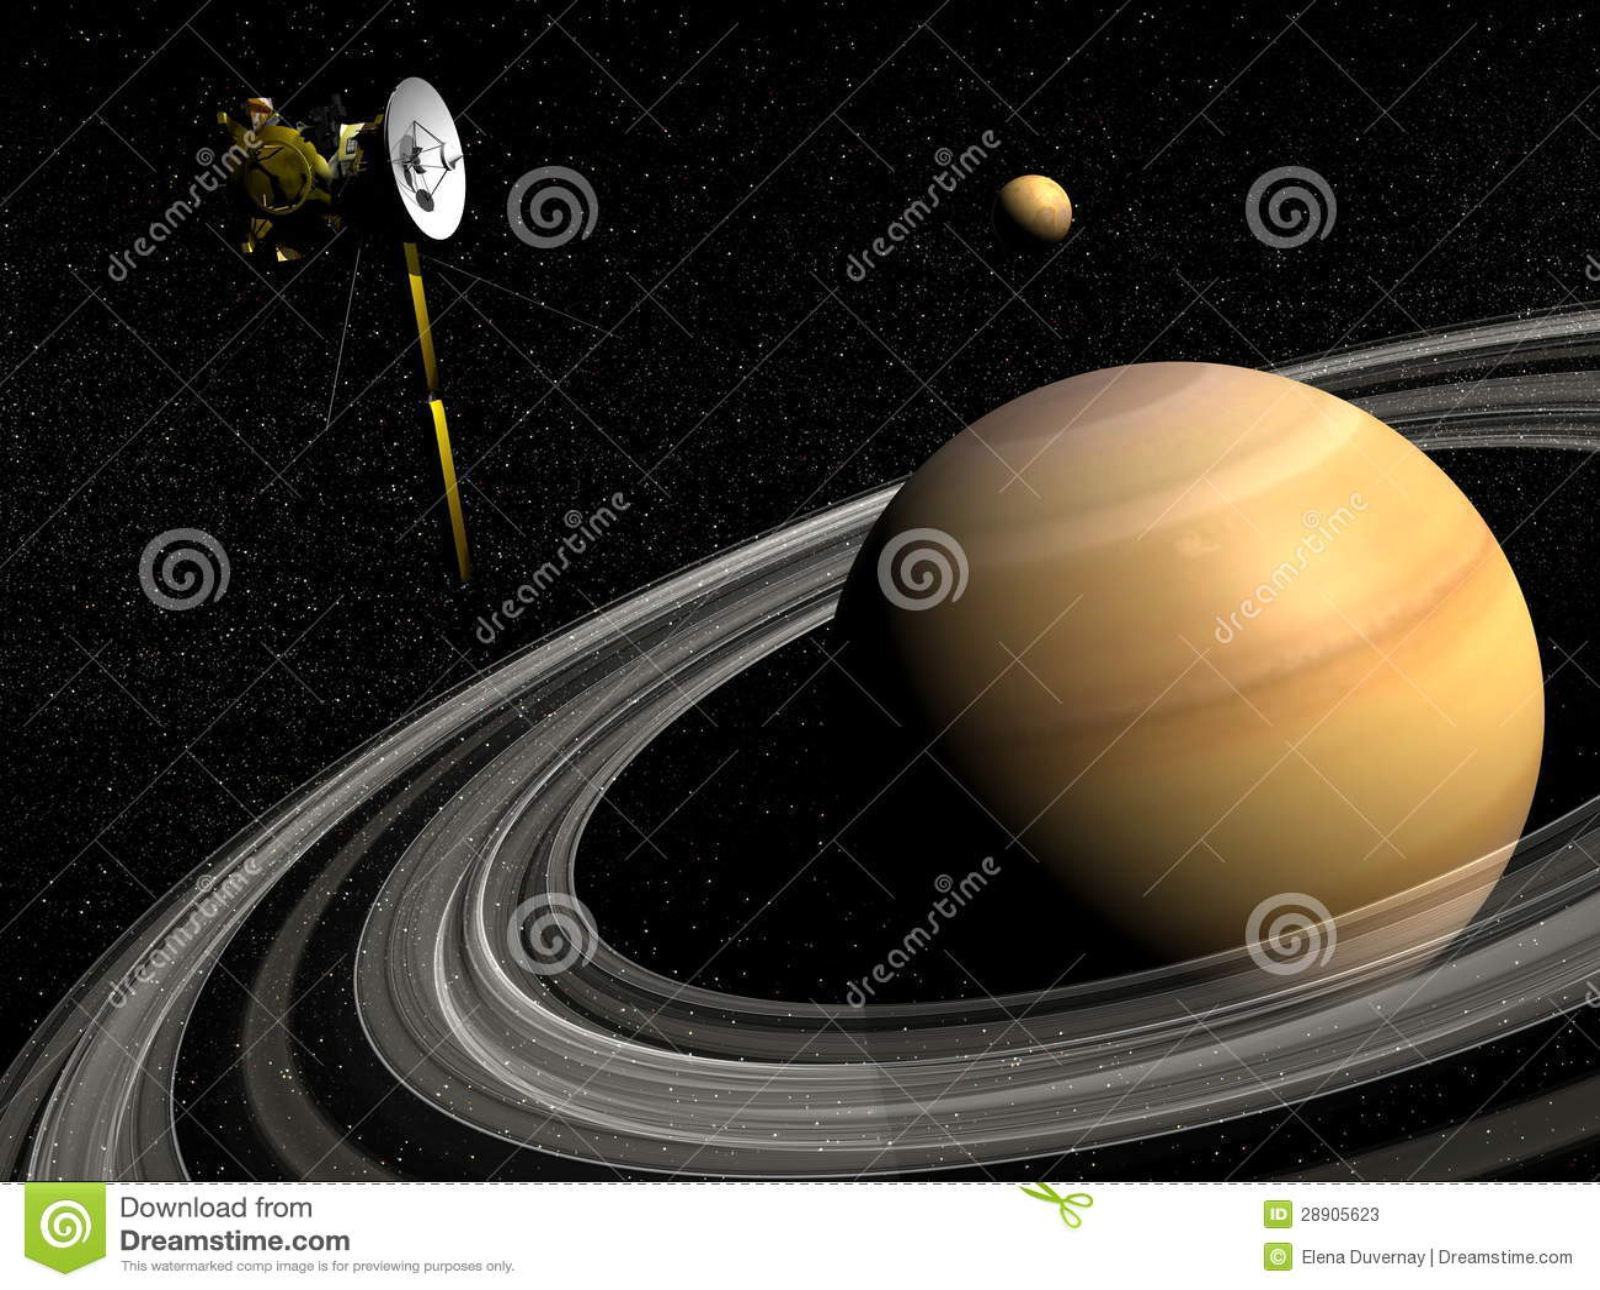 cassini saturn satellite - photo #46